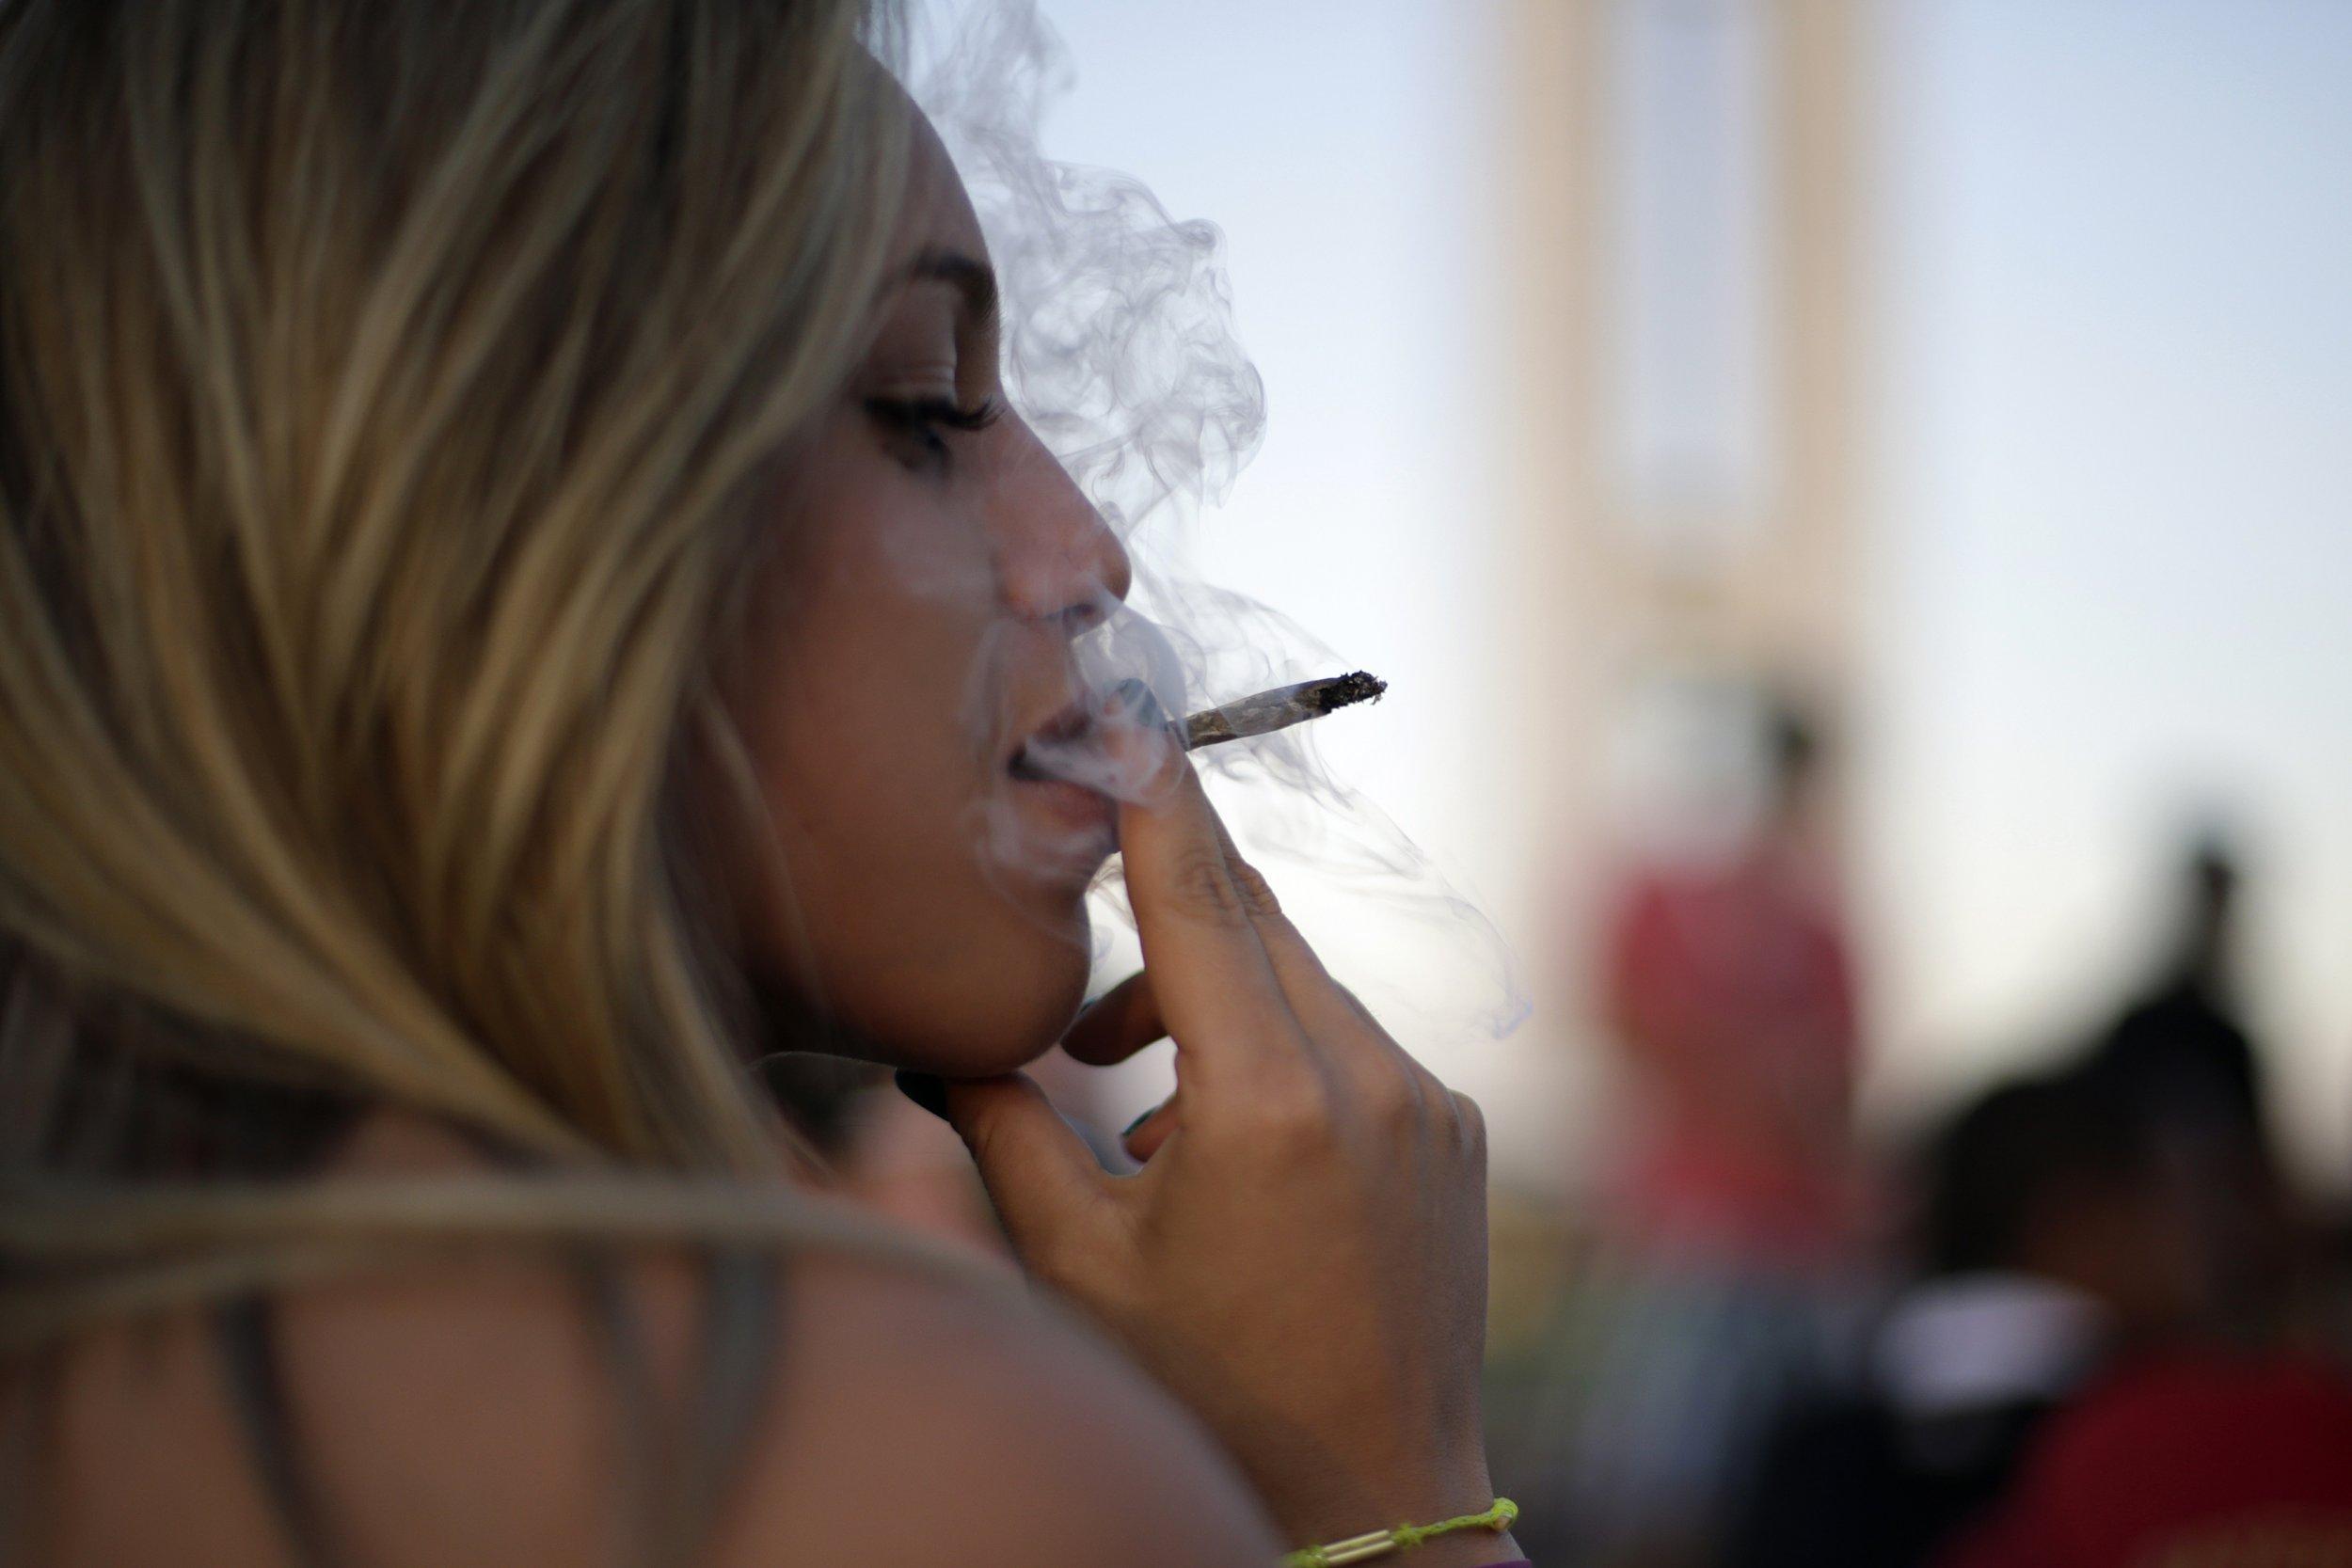 weed smoking dating sites